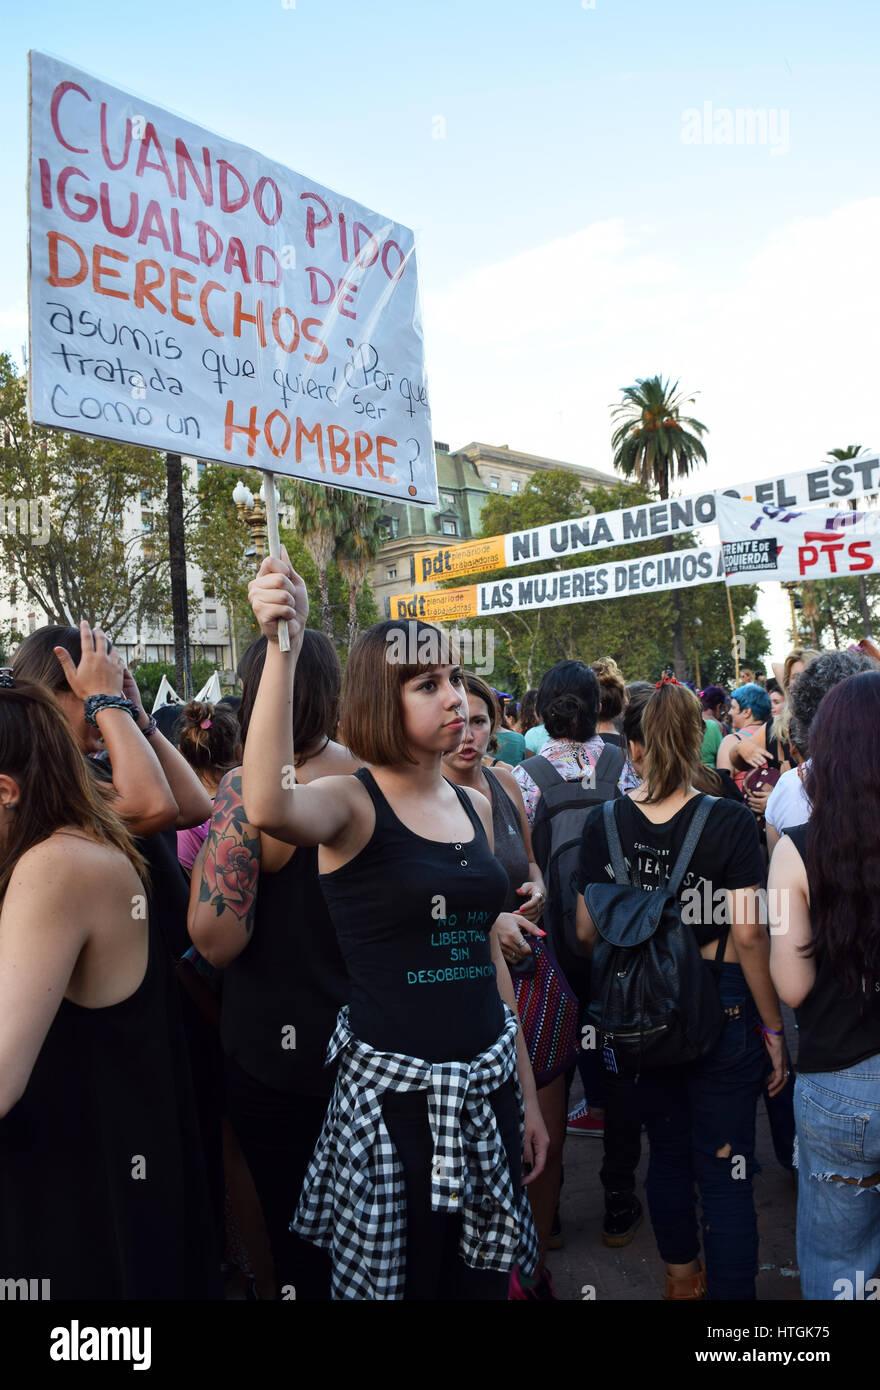 Buenos Aires Argentina Marzo 8 2017 Joven Sosteniendo Un Cartel Durante Una Protesta Conmemorating El Día Internacional De La Mujer El 8 De Marzo De 2017 En Buenos Aires Argentina Fotografía De Stock Alamy